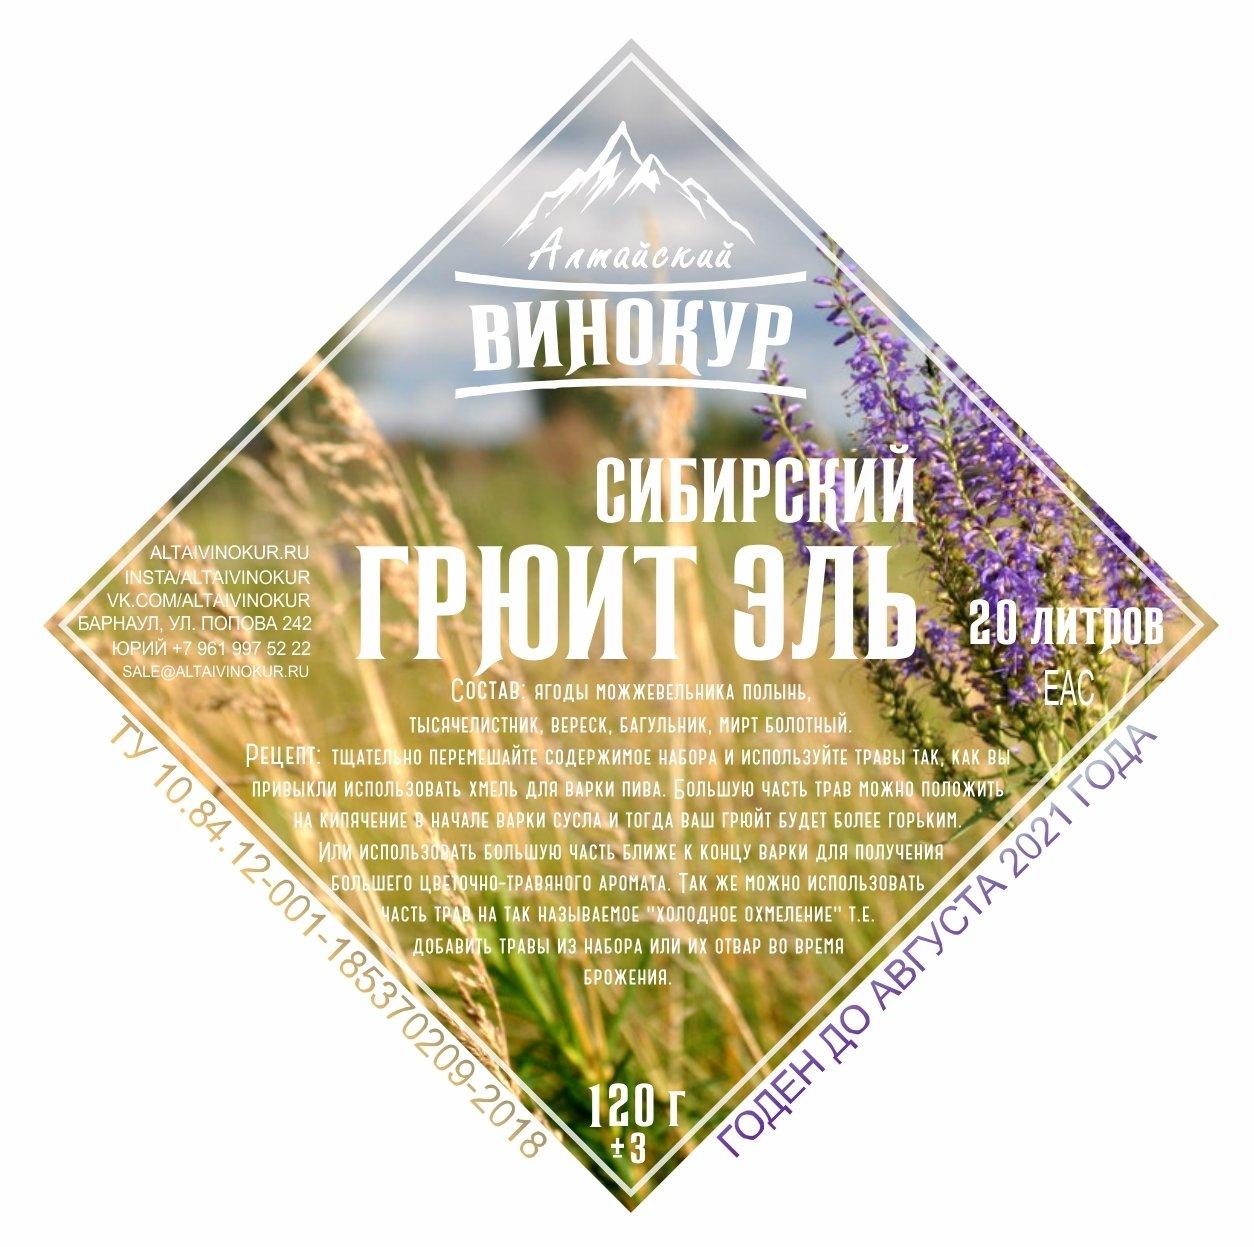 Сибирский грюйт эль   Набор трав и специй